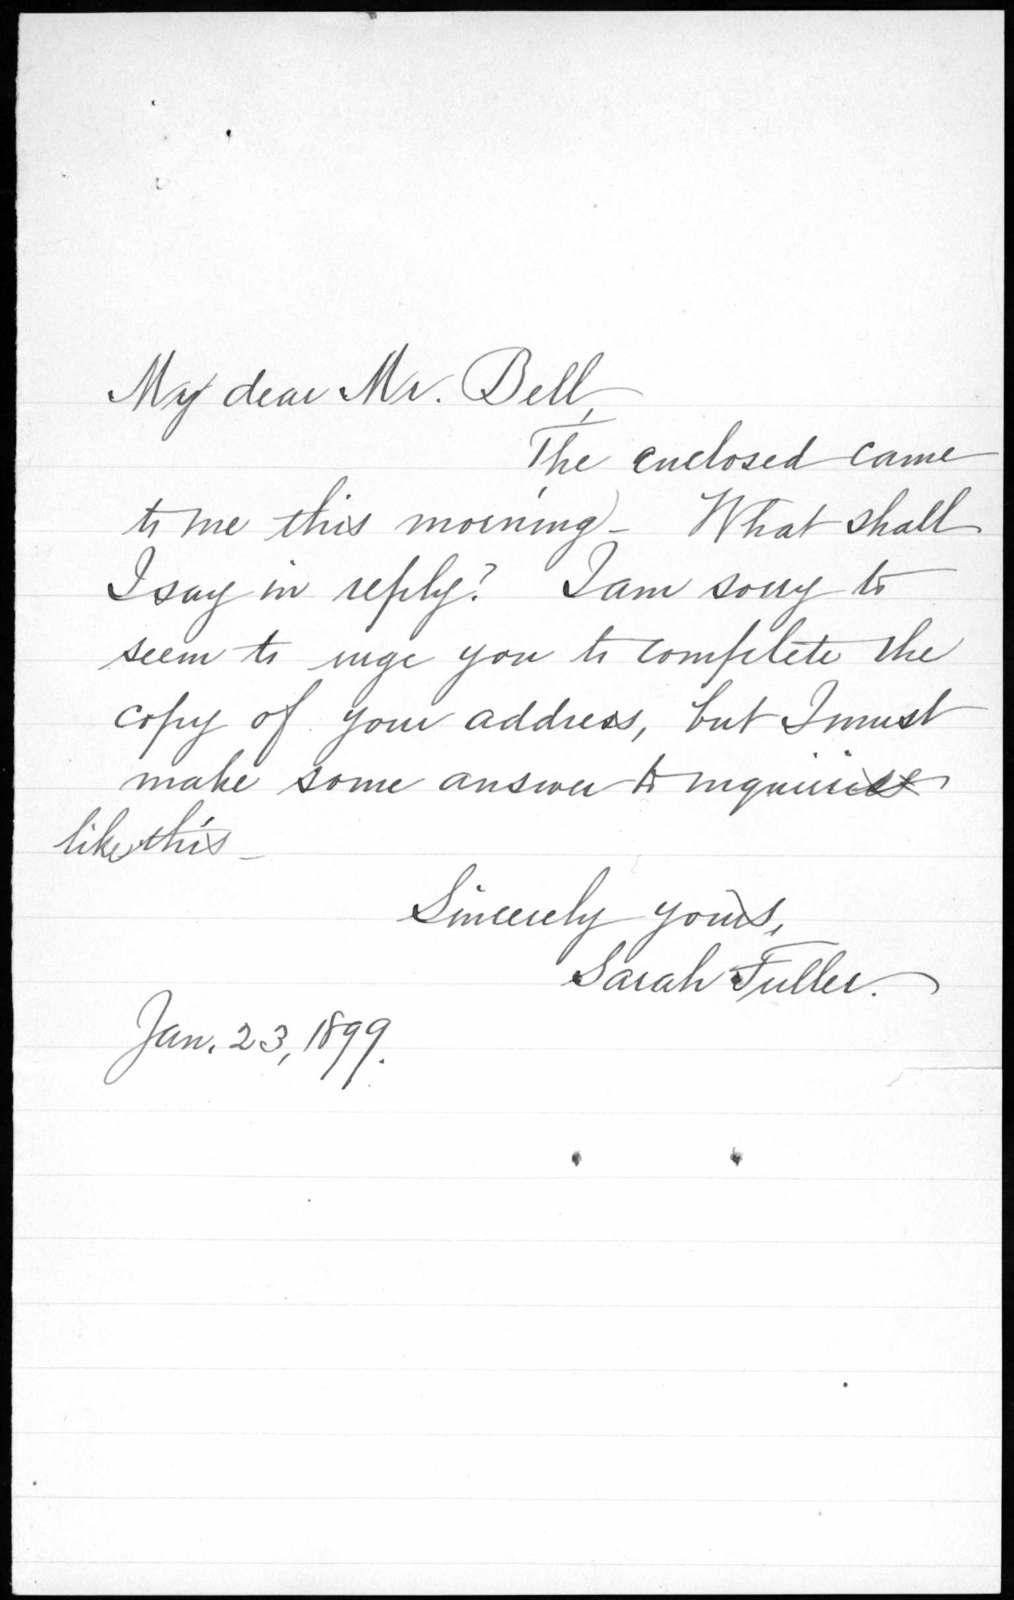 Letter from Sarah Fuller to Alexander Graham Bell, January 23, 1899